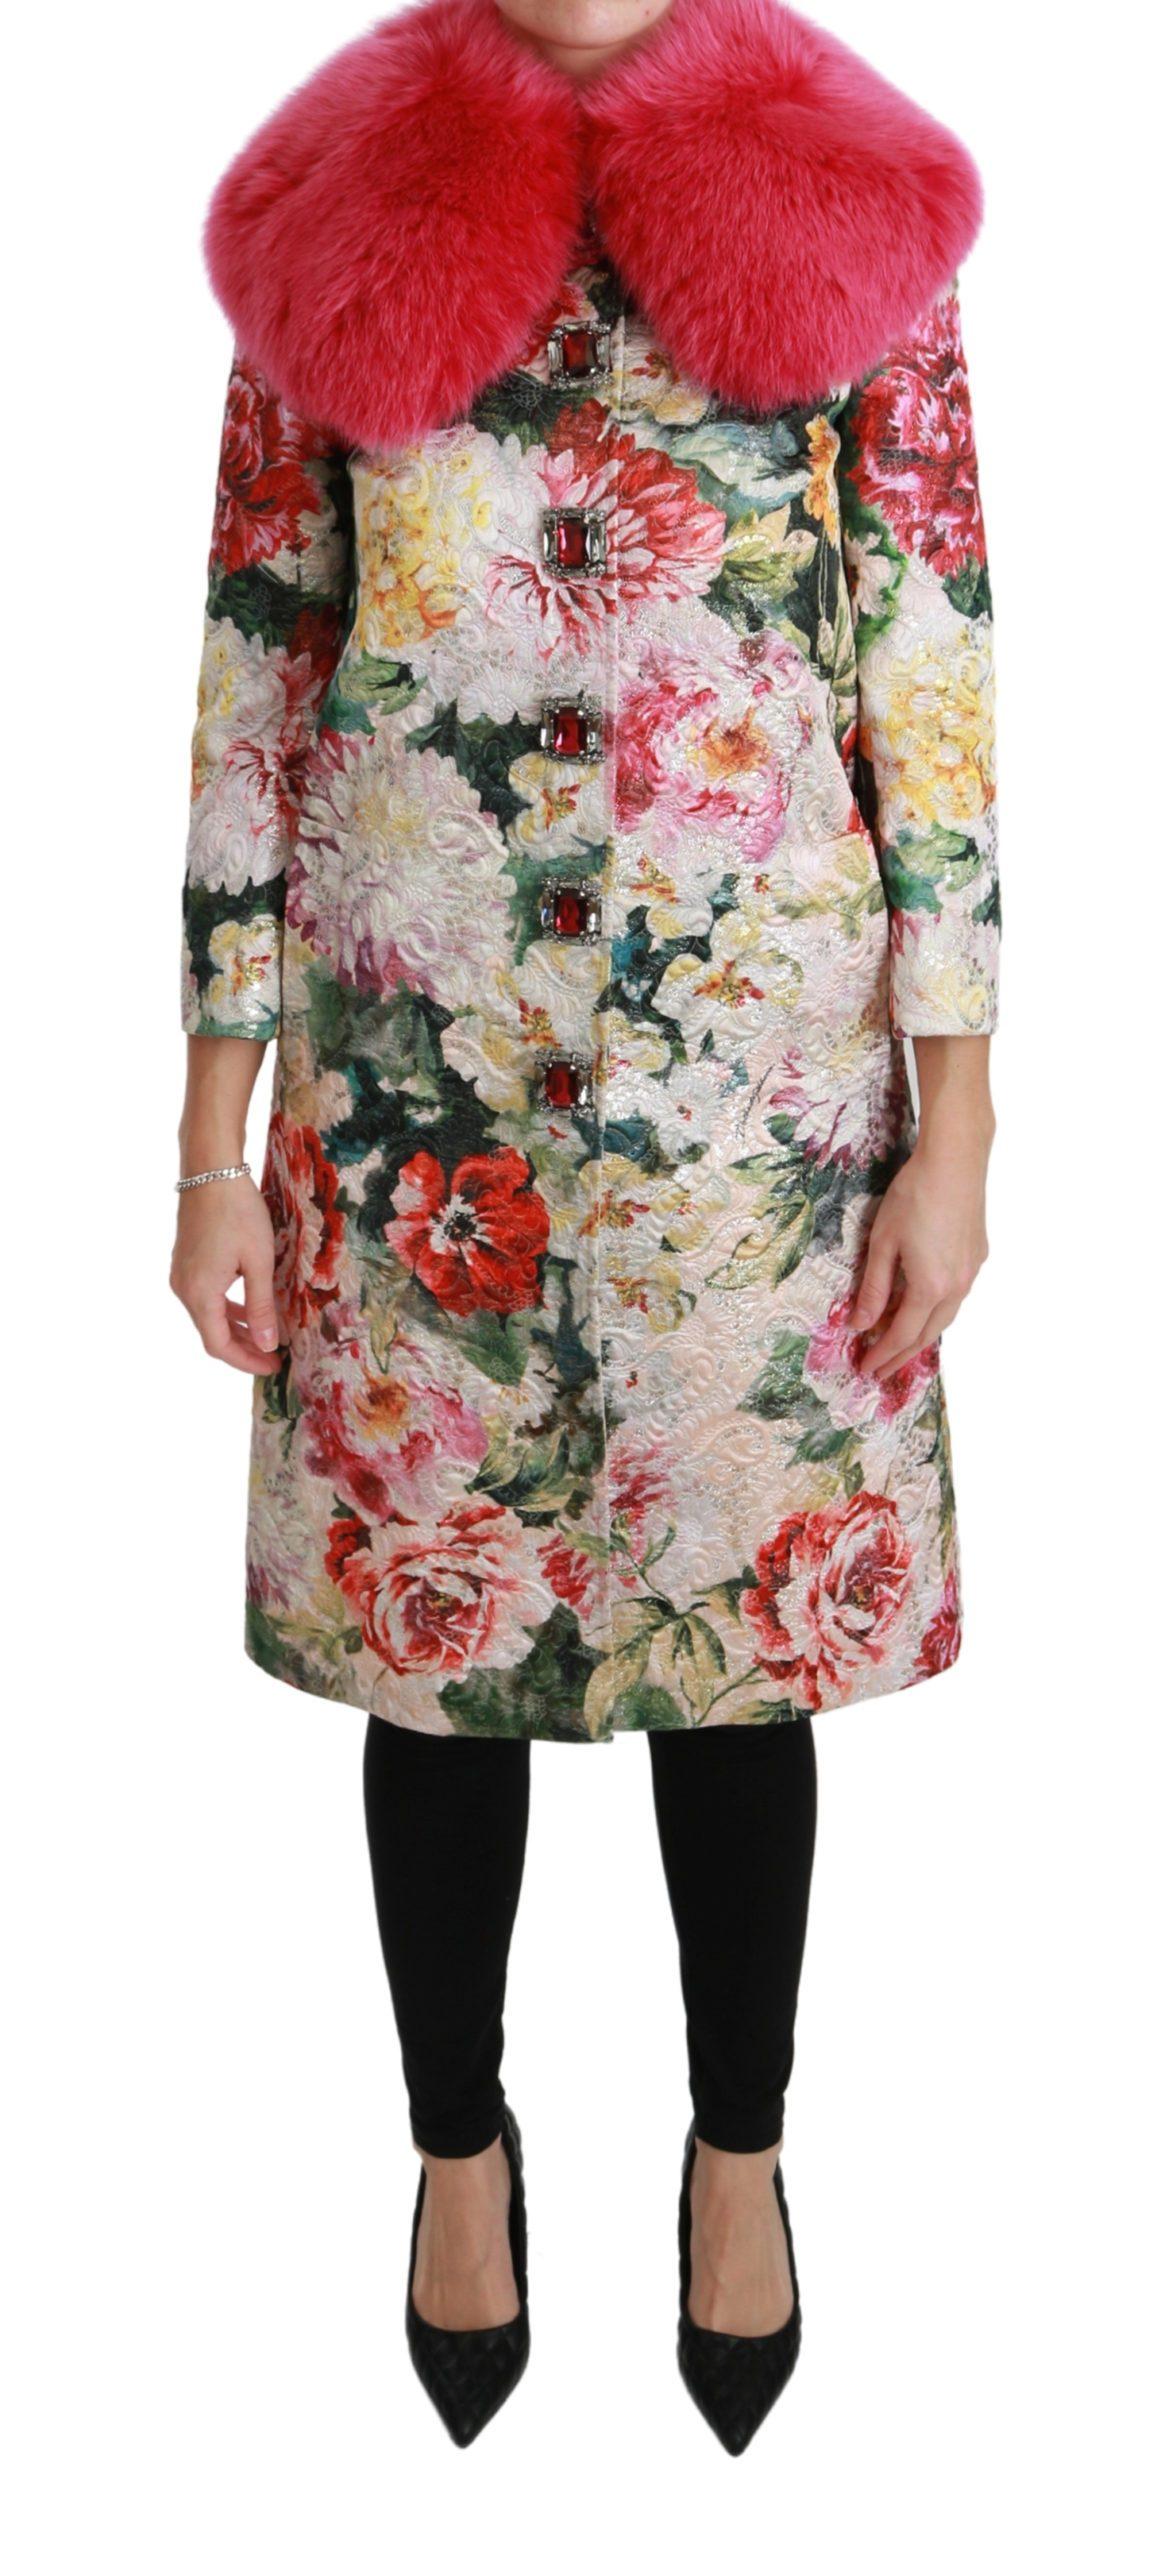 Dolce & Gabbana Women's Fur Floral Crystal Trenchcoat Jacket Pink JKT2570 - IT40 S